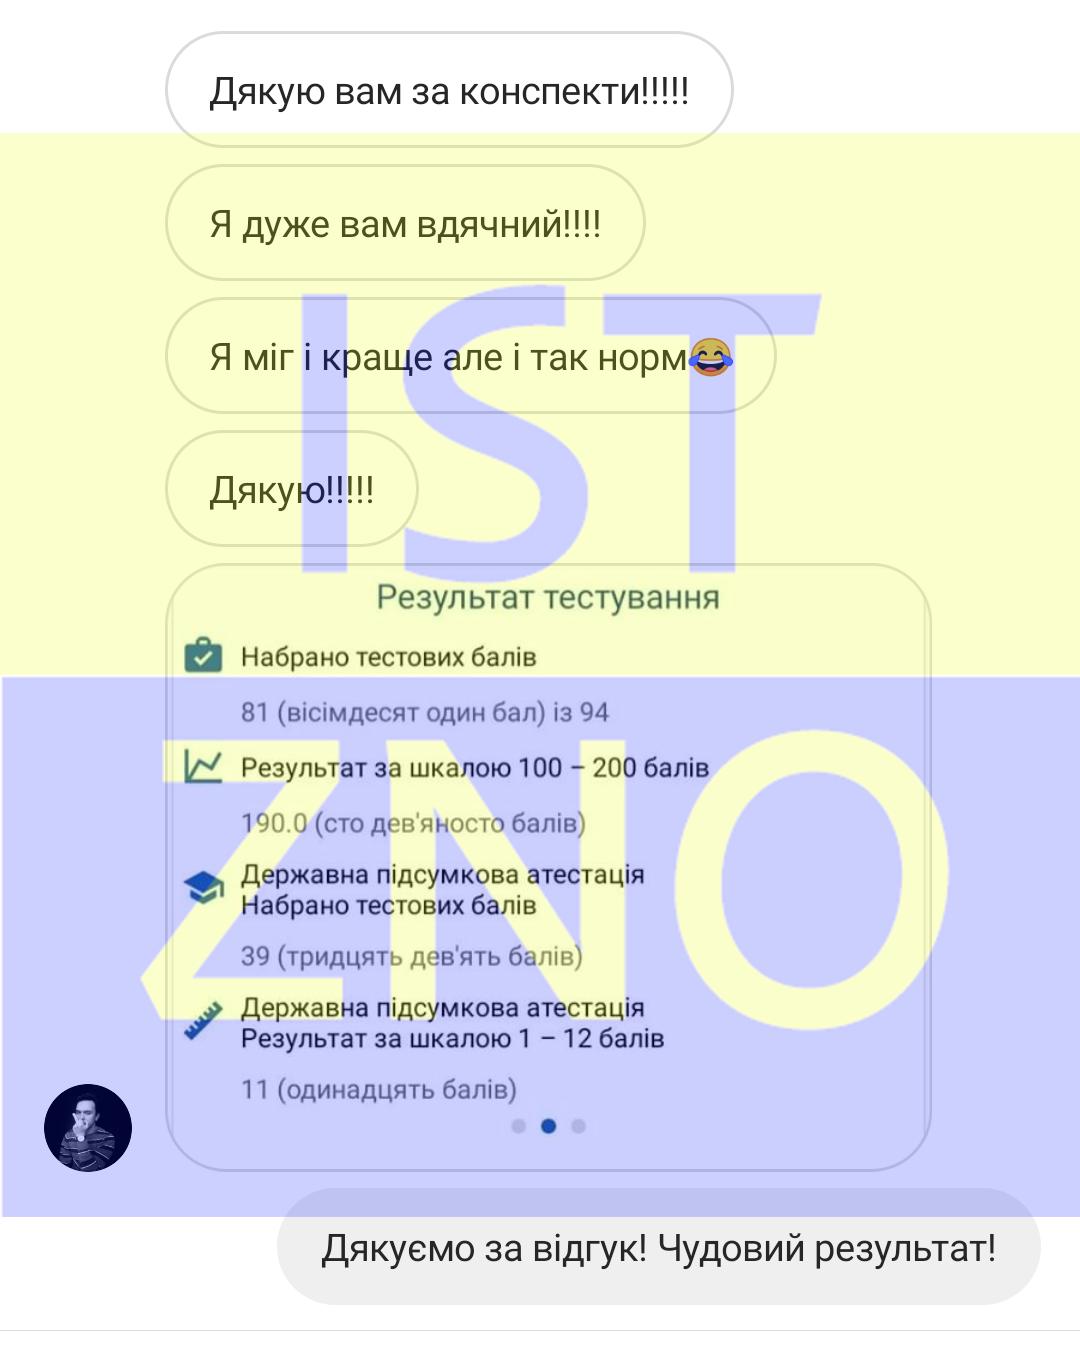 Screenshot_2019-06-22-01-29-50-738_com.instagram.android